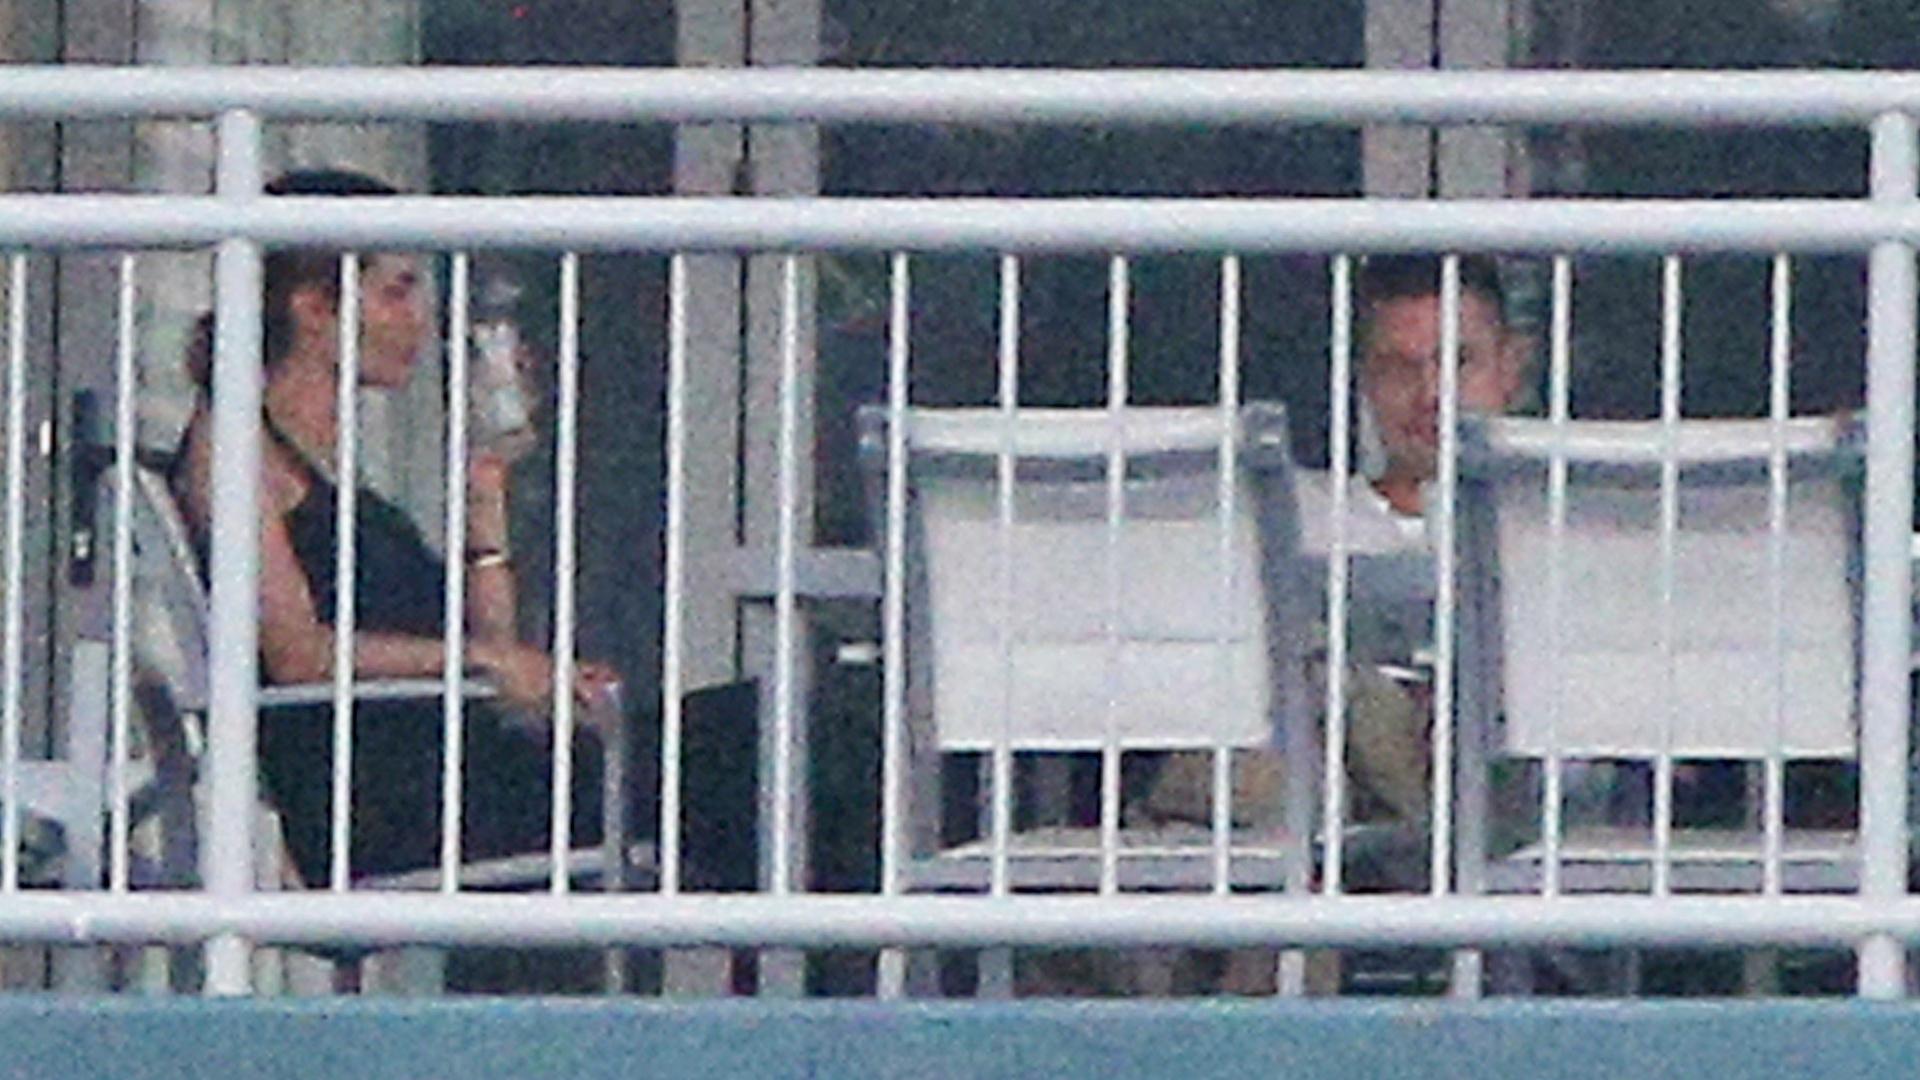 5.fev.2014 - Sem os filhos por perto, Angelina Jolie e Brad Pitt descansam durante o pôr-do-sol na varanda de um prédio na ilha Whitsundays em Queensland, na Austrália